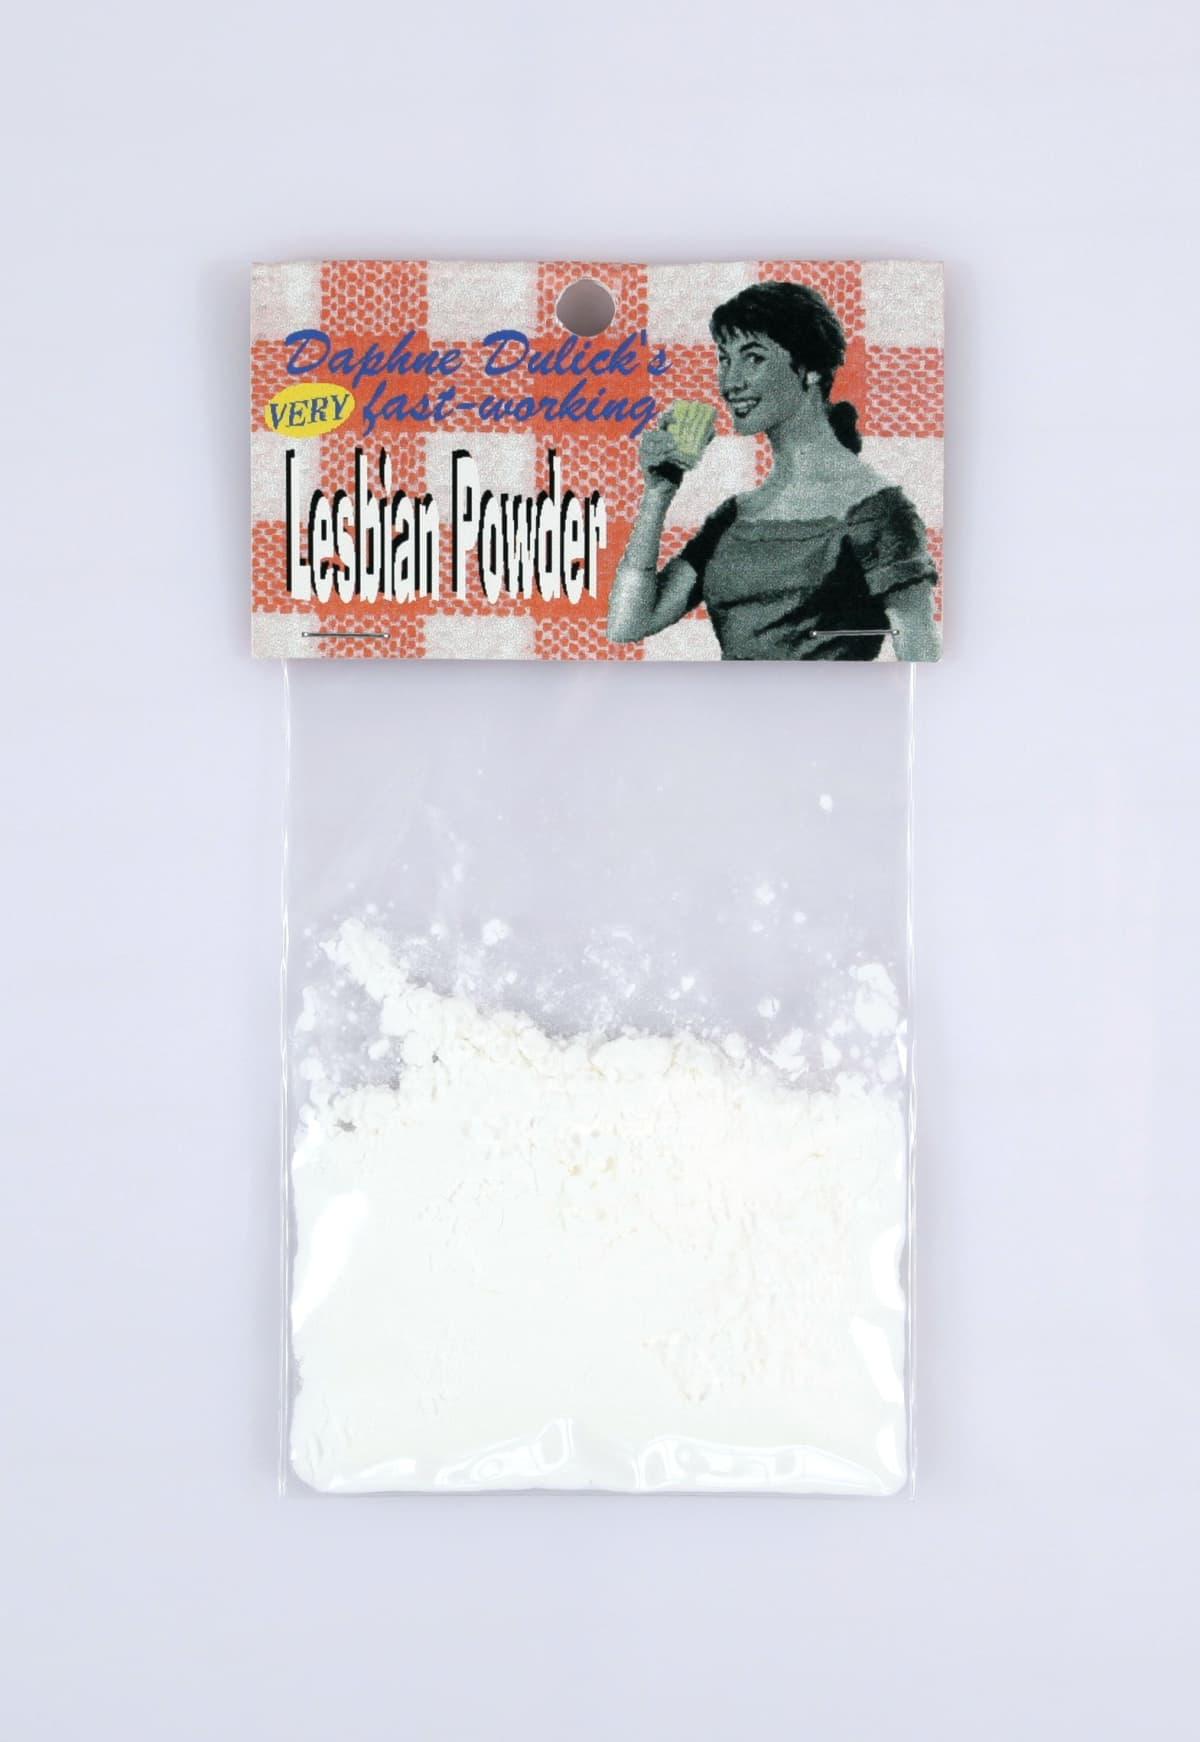 Lesbian powder, 1996